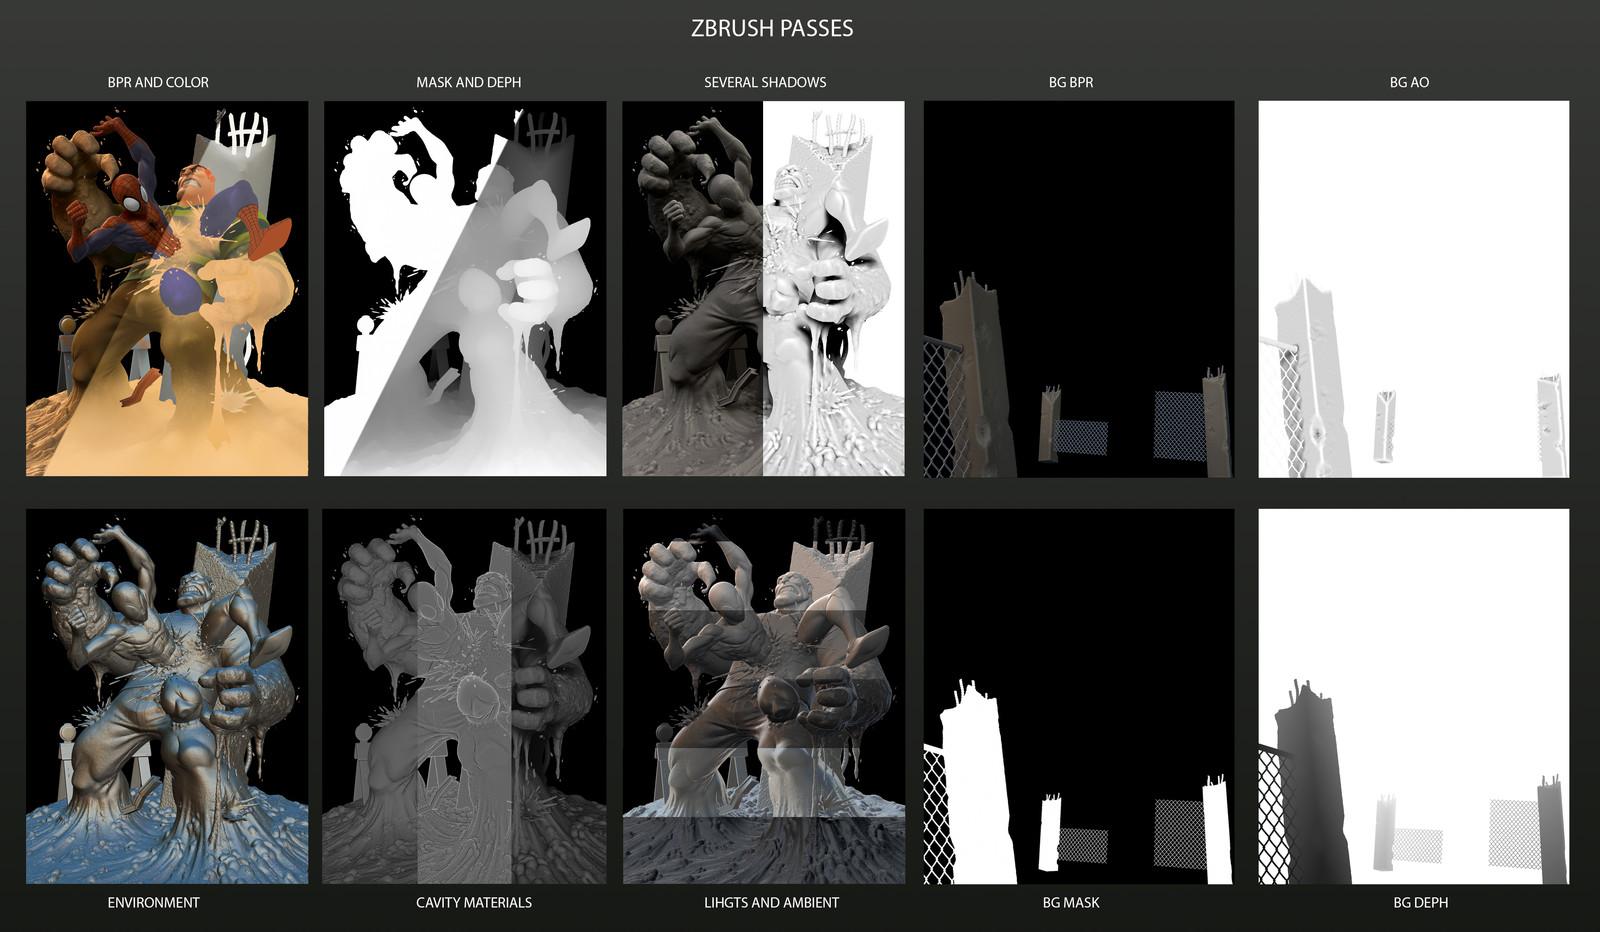 Zbrush passes